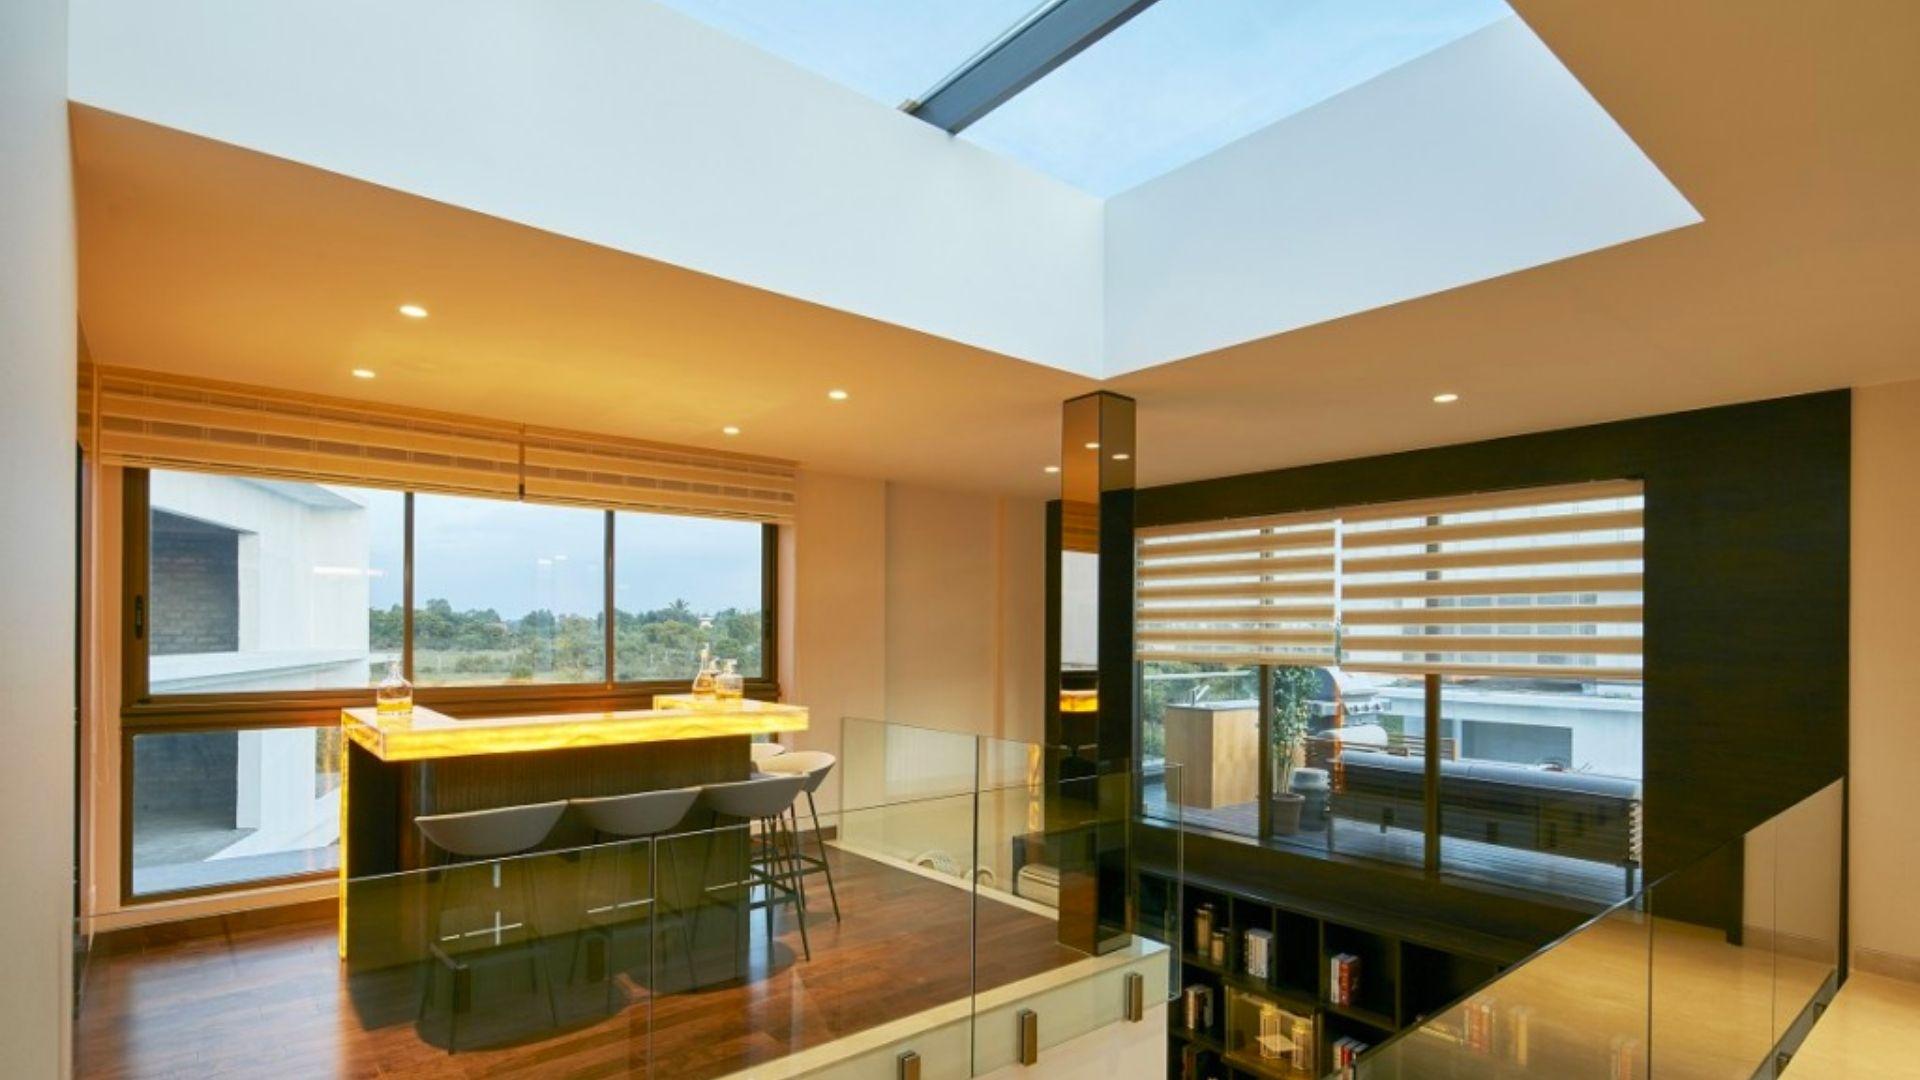 Raffles Park Villas | Luxuryproperties.in